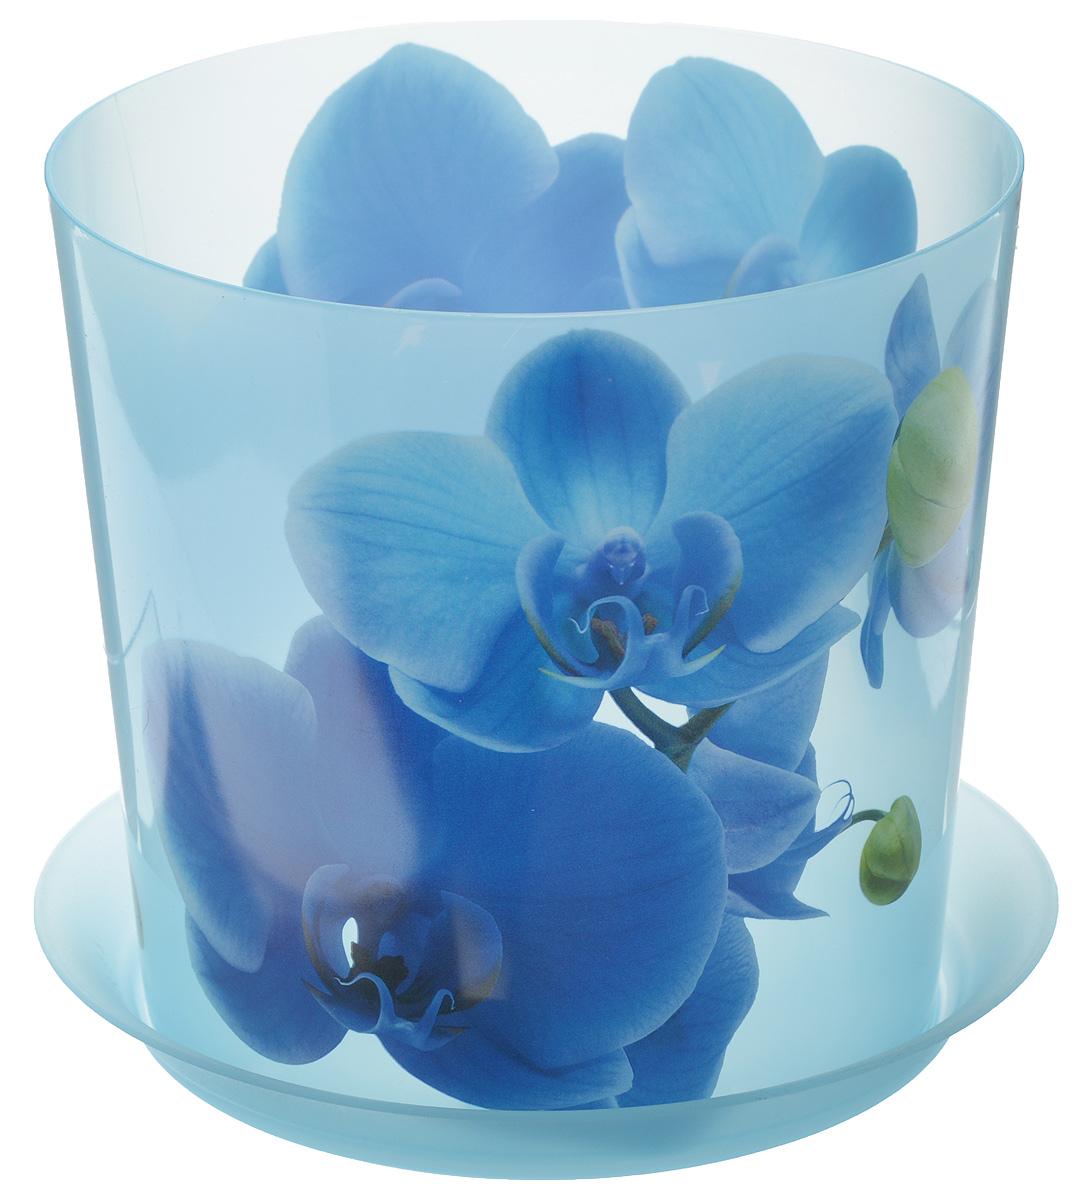 Кашпо Idea Деко, с подставкой, цвет: голубой, 2,4 л531-401Кашпо Idea Деко изготовлено из высококачественного полипропилена. Специальный поддон предназначен для стока воды. Изделие прекрасно подходит для выращивания растений и цветов в домашних условиях. Лаконичный дизайн впишется в интерьер любого помещения. Диаметр поддона: 17,5 см. Диаметр кашпо по верхнему краю: 16 см.Высота кашпо: 15 см.Объем кашпо: 2,4 л.